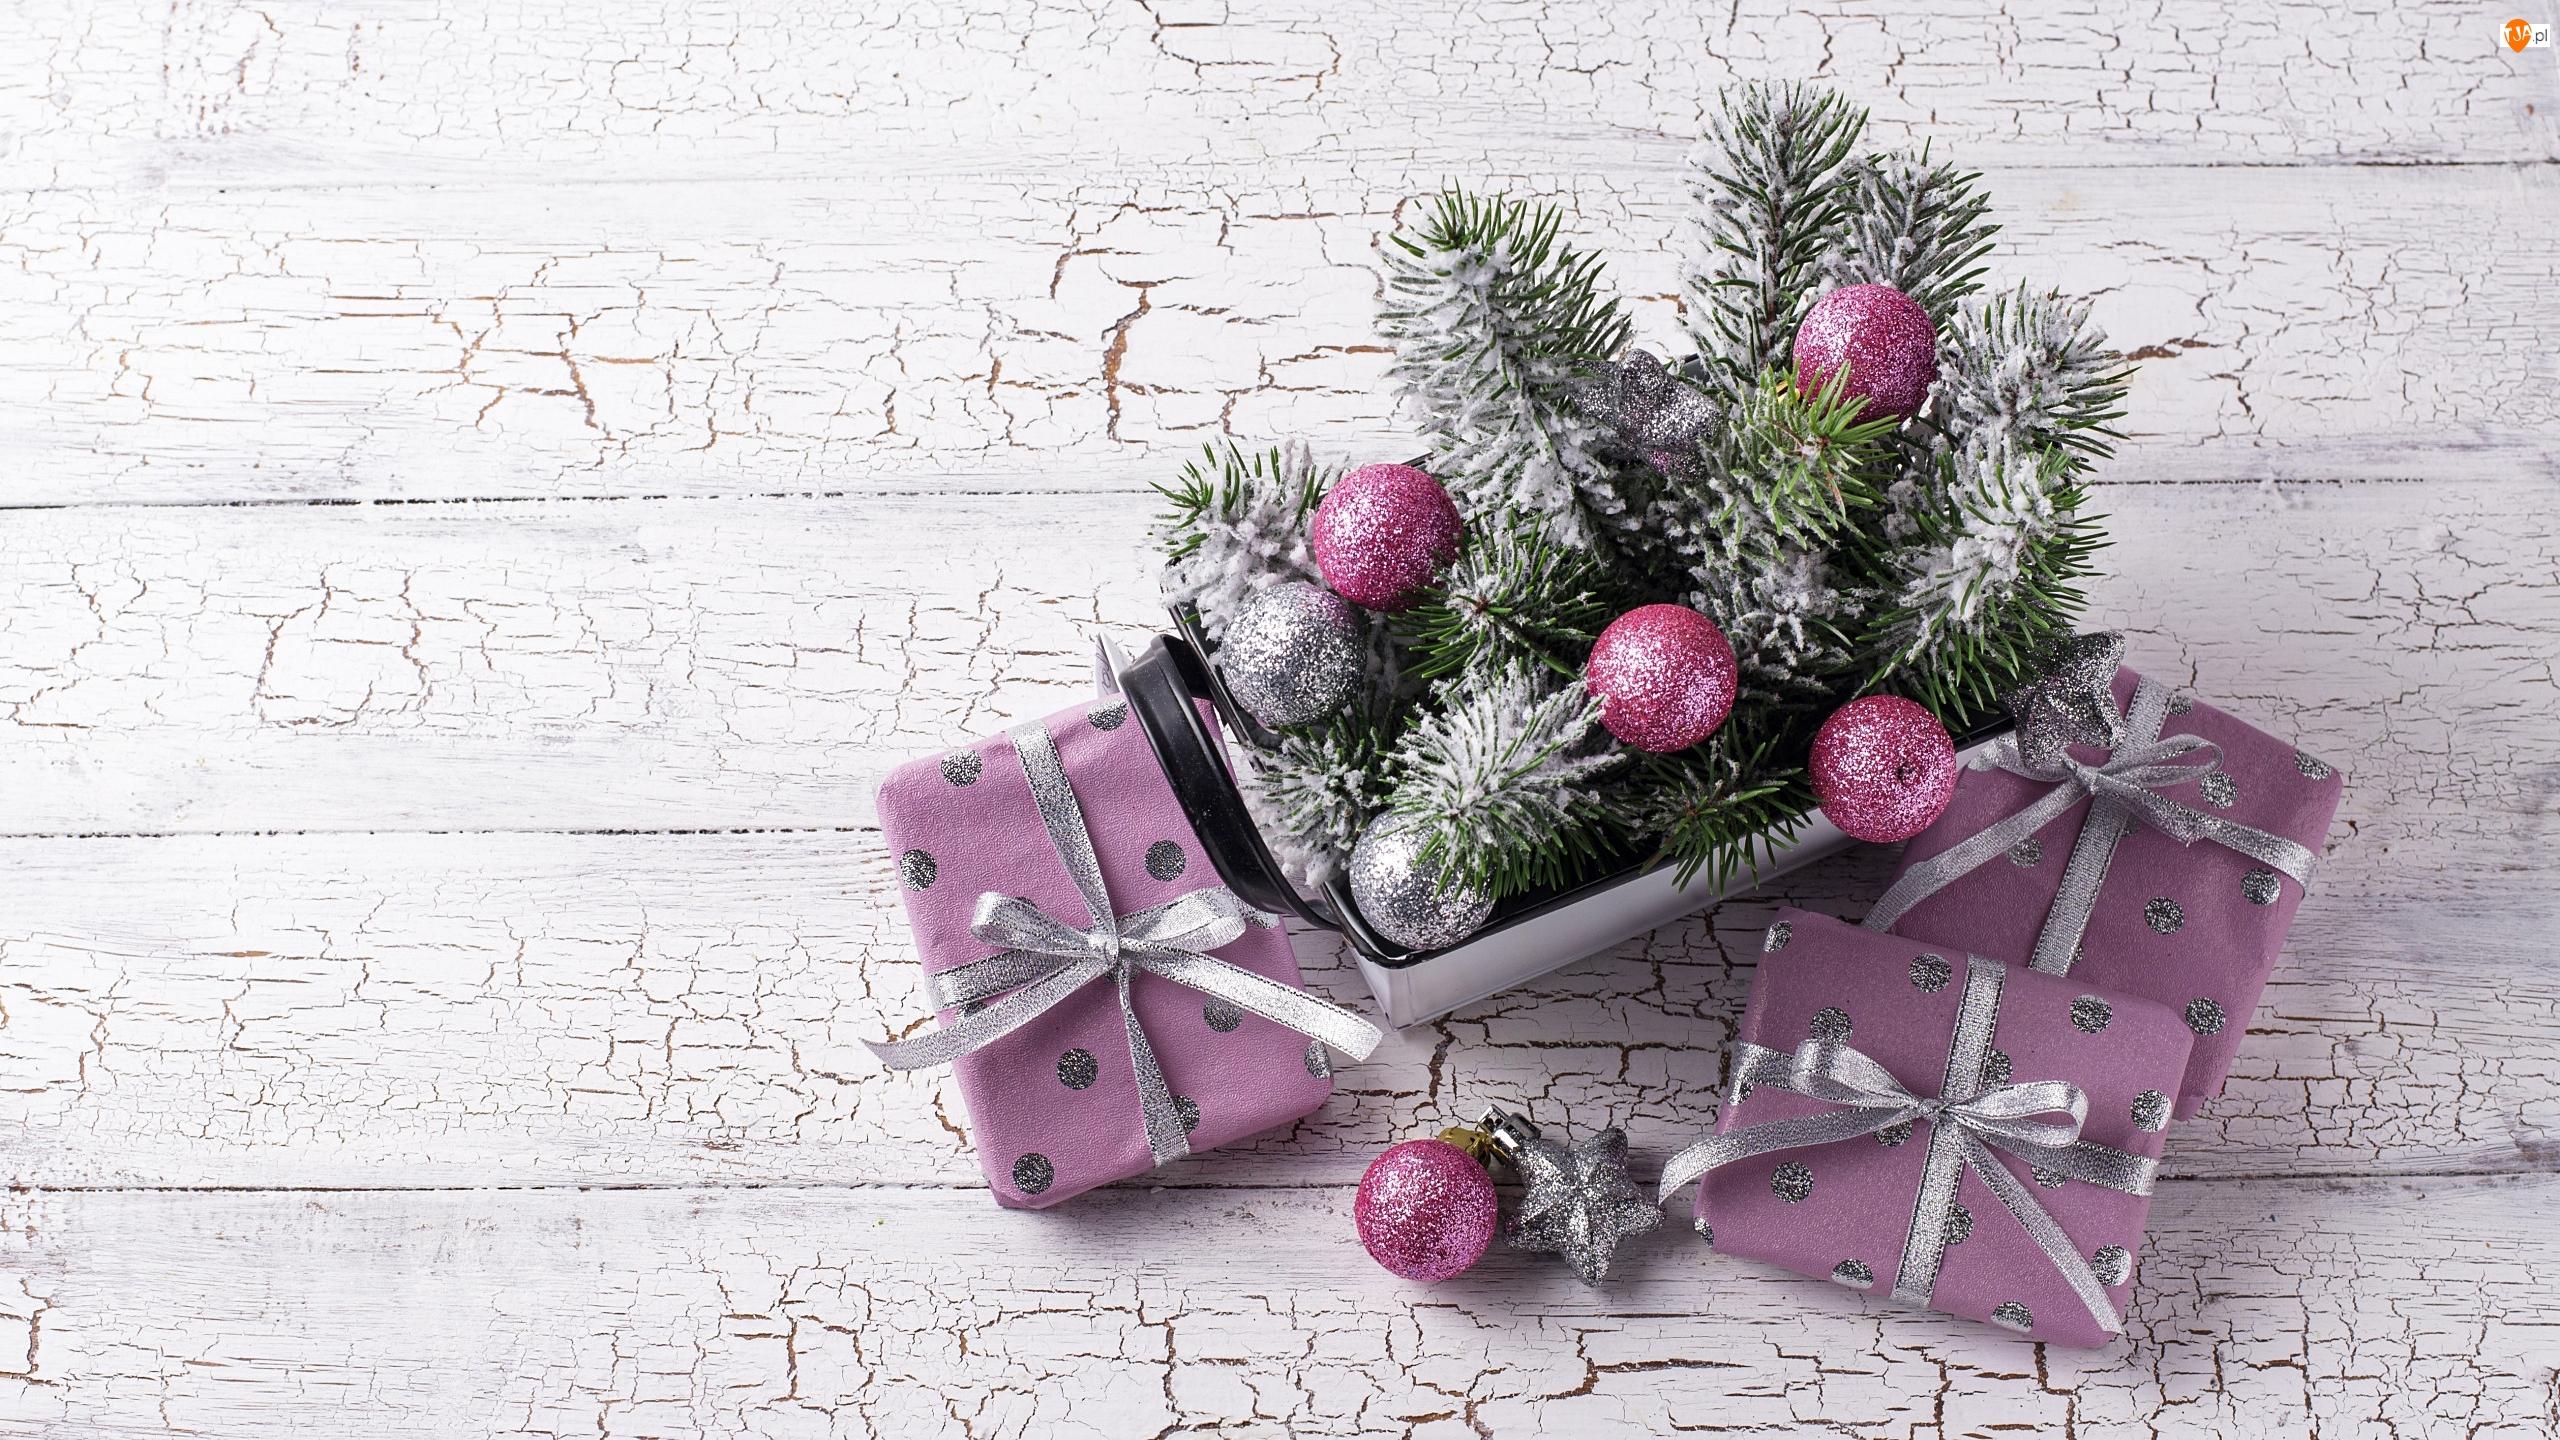 Drewno, Trzy, Prezenty, Bombki, Boże Narodzenie, Kompozycja, Srebrne, Gałązki, Różowe, Popękane